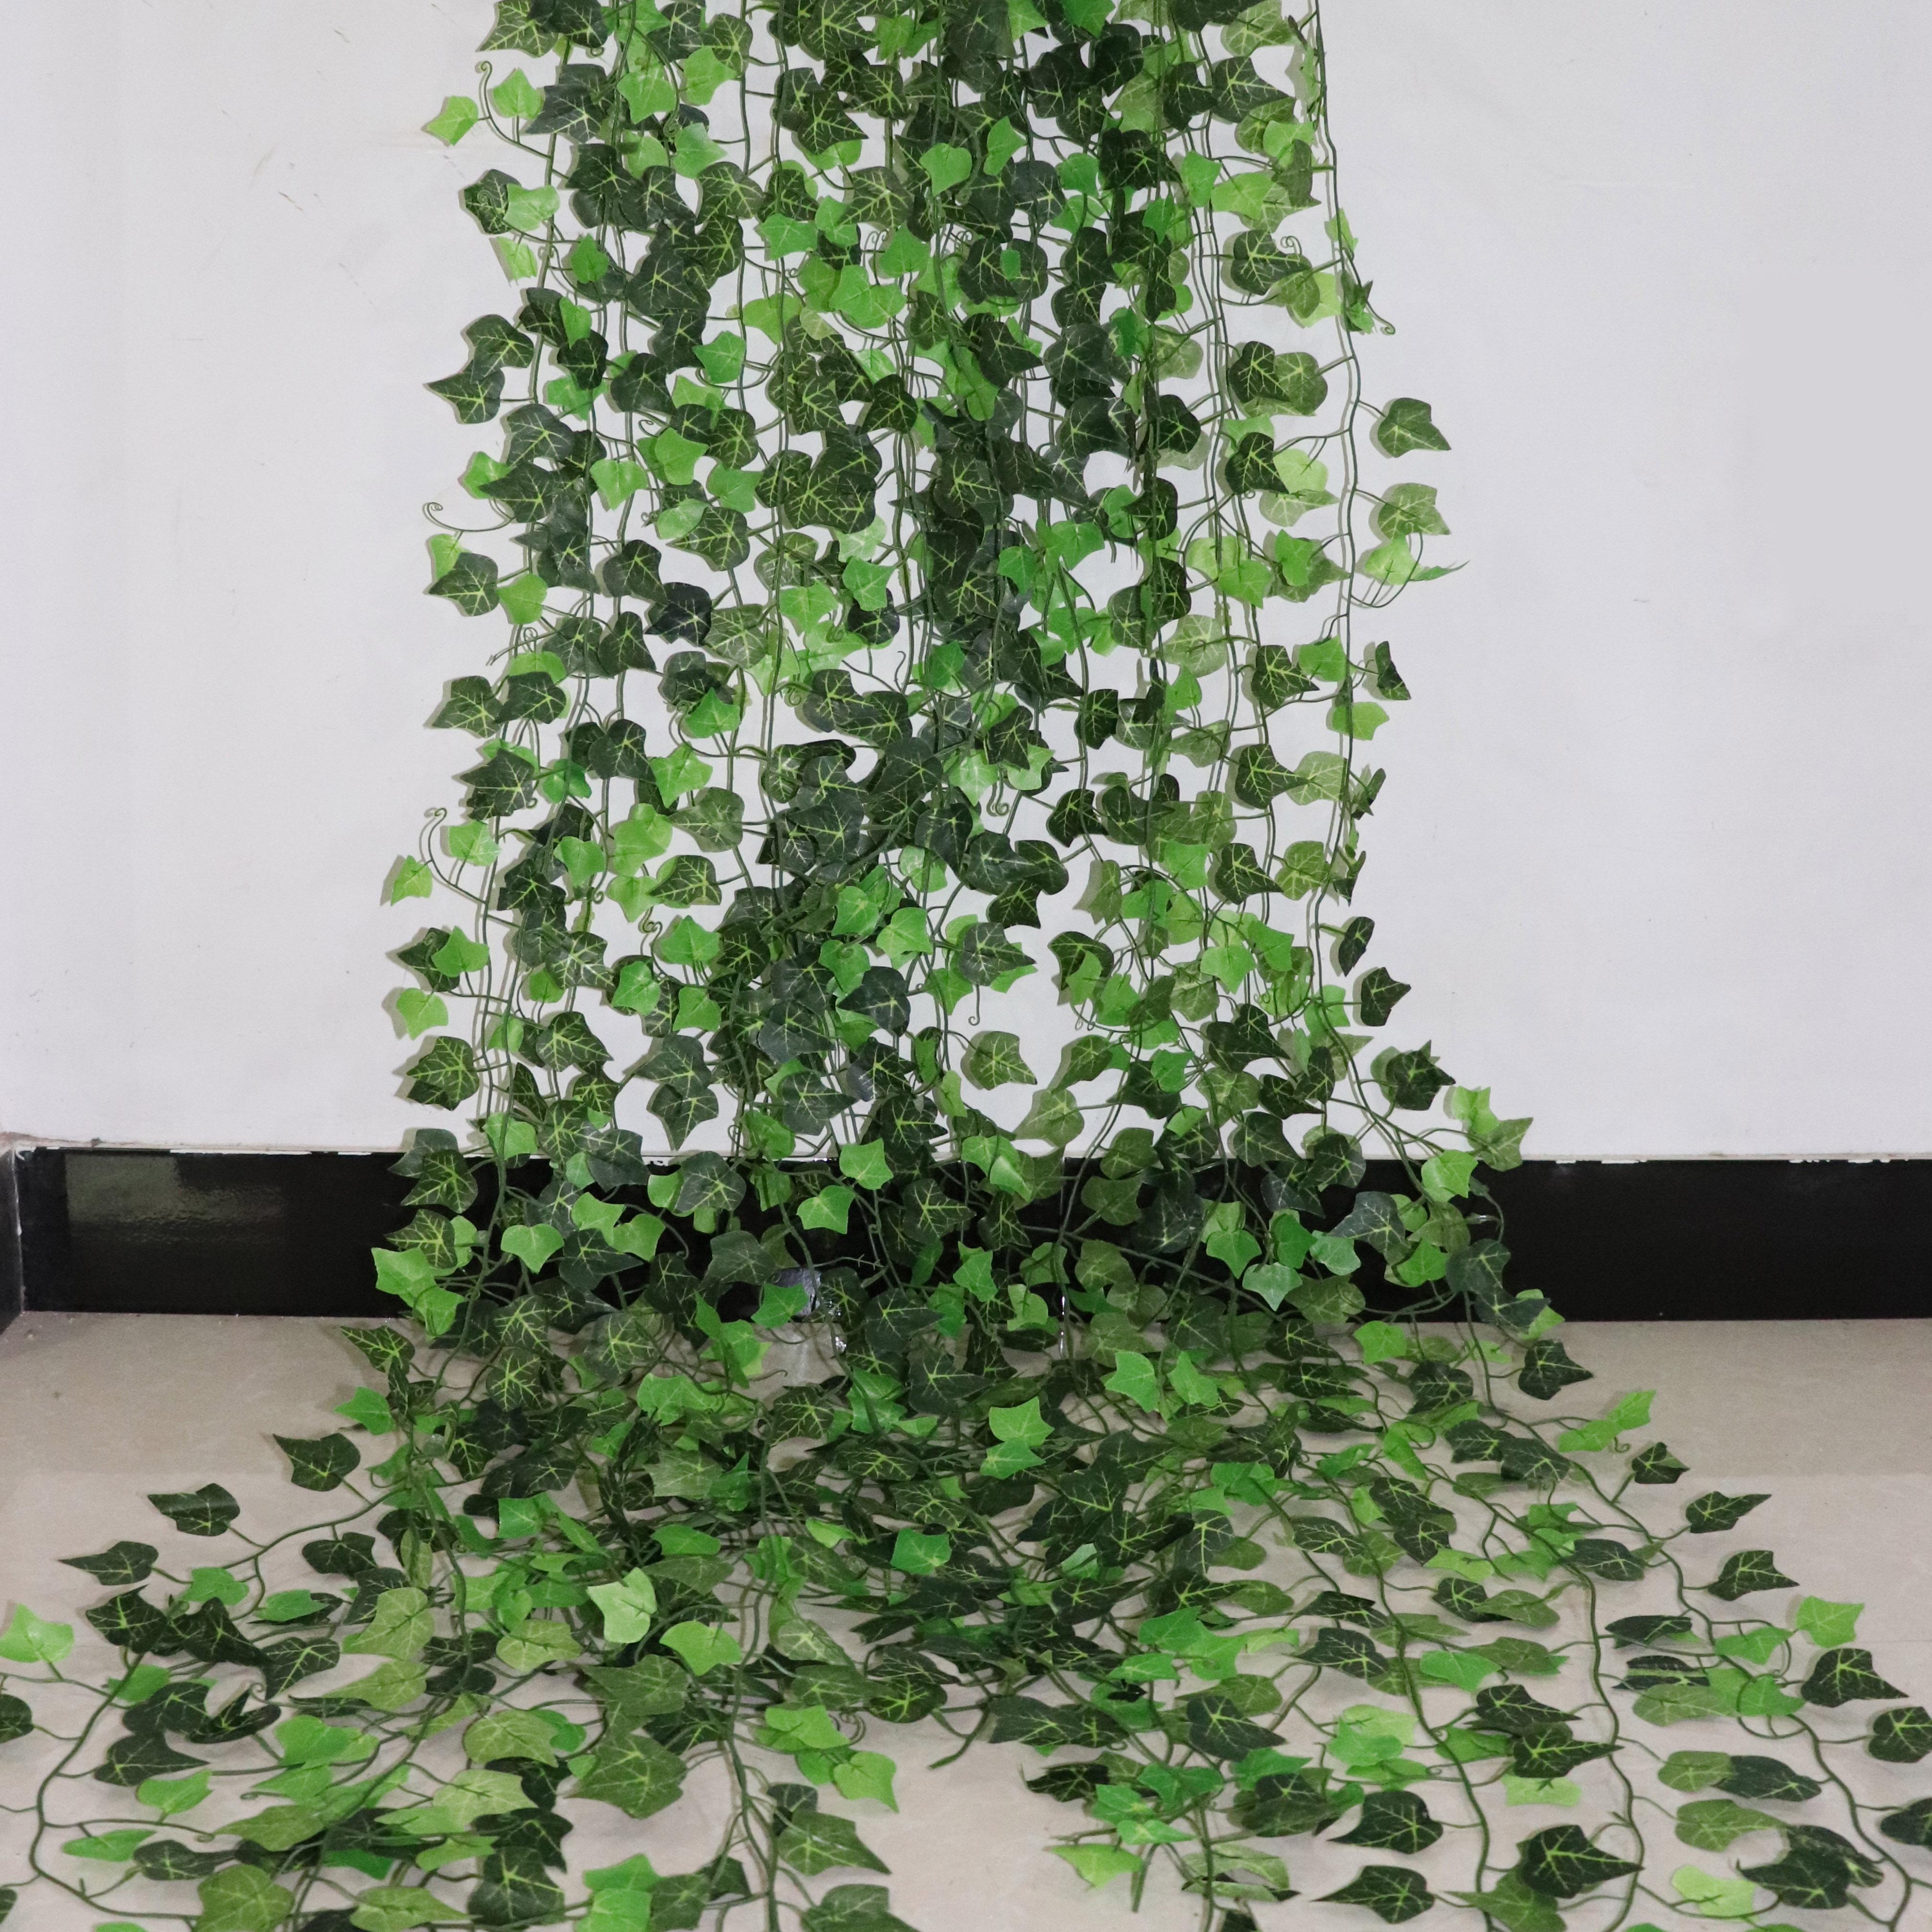 100 adet 1 Parça Yaprakları 2.4 M Ev Dekor Yapay Ivy Yaprak Çelenk Bitkiler Asma Sahte Yeşillik Çiçekler Creeper 12 Telleri